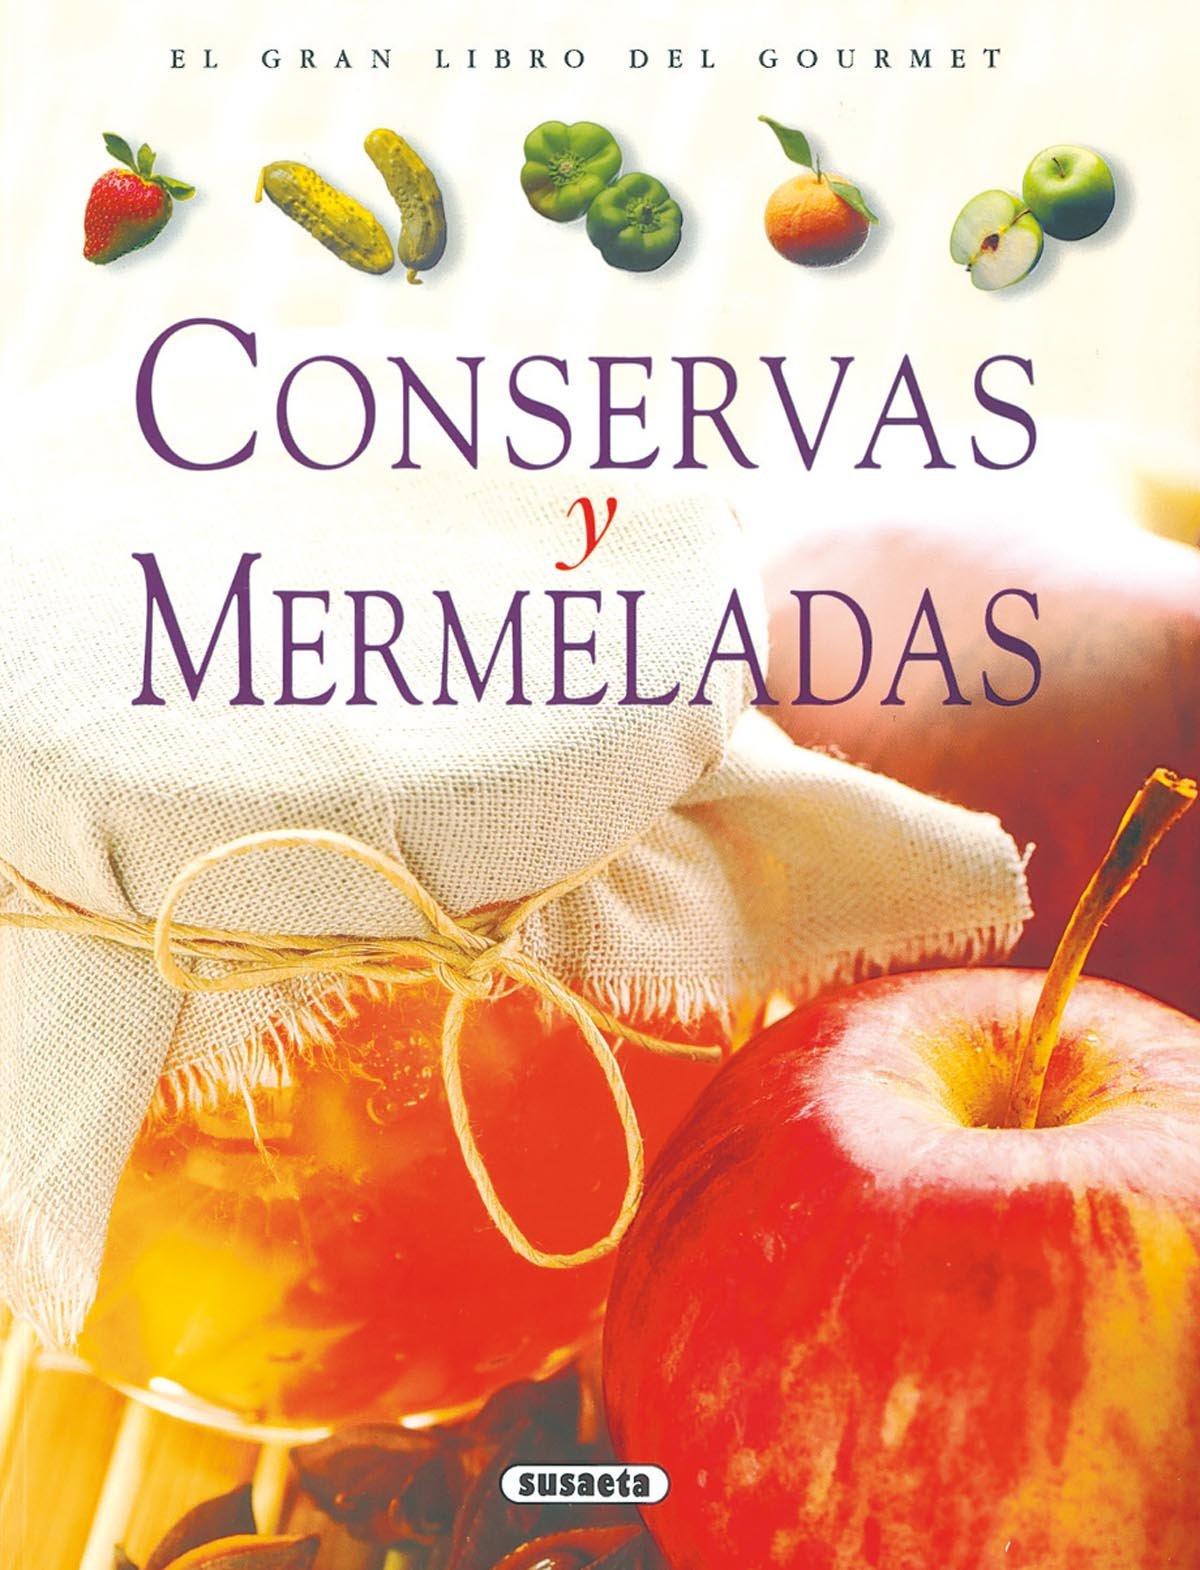 Conservas Y Mermeladas (El Gran Libro Del Gourmet): Amazon.es ...